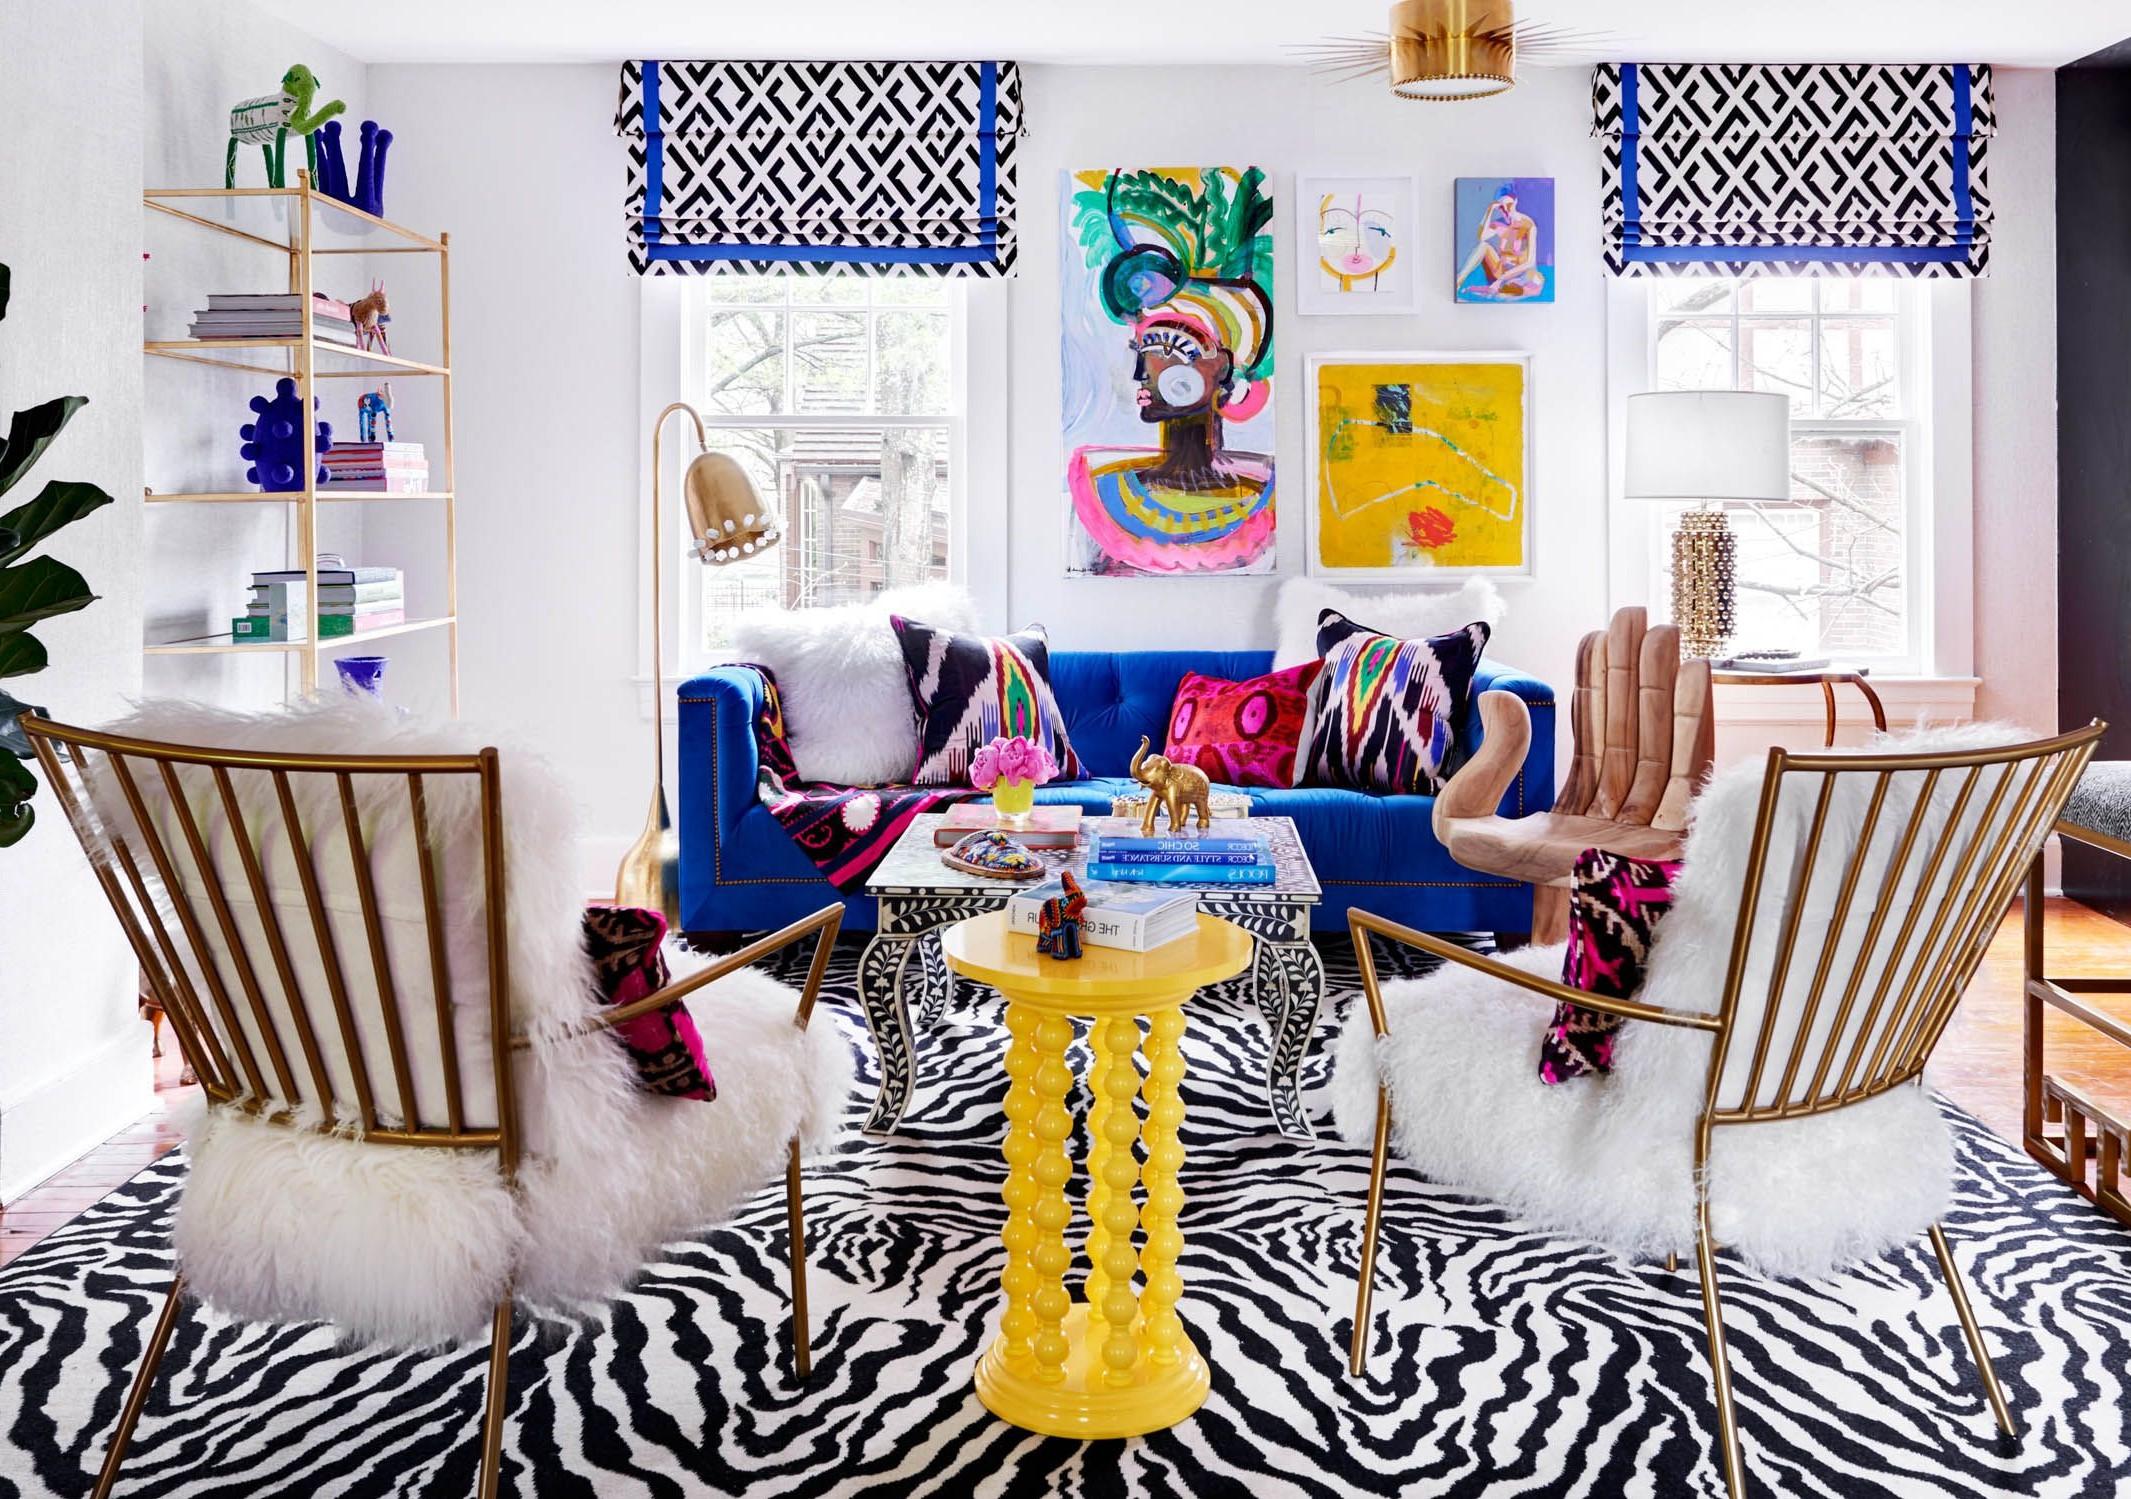 Remplissez votre maison avec des pièces de décoration que vous aimez.